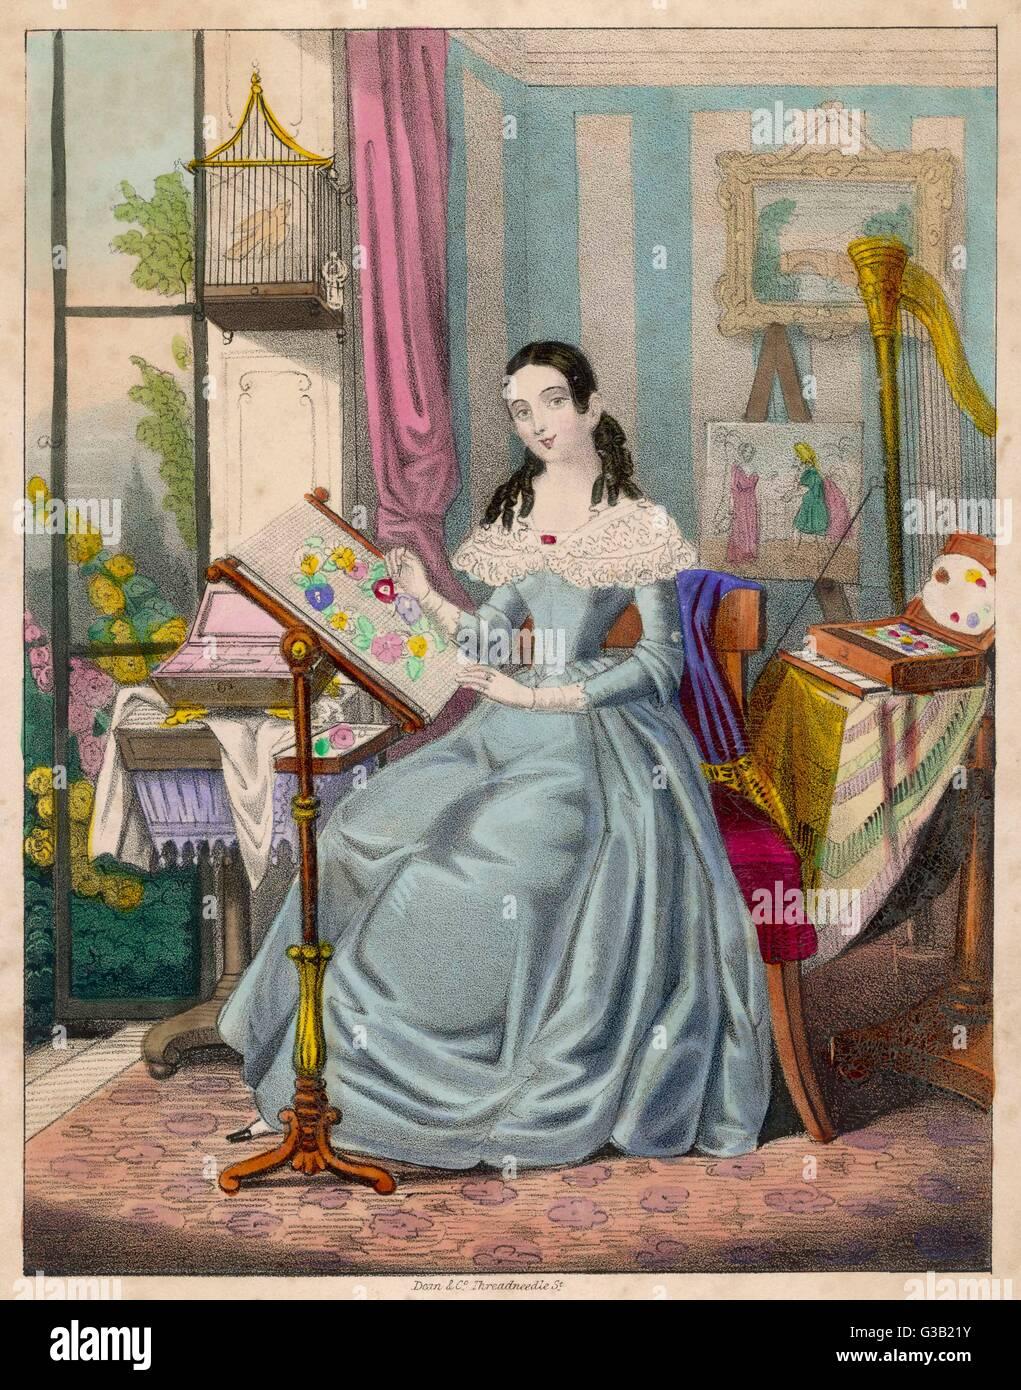 'L'operosa giovane lady' - una ragazza vittoriana e i suoi successi Data: 1840s Immagini Stock